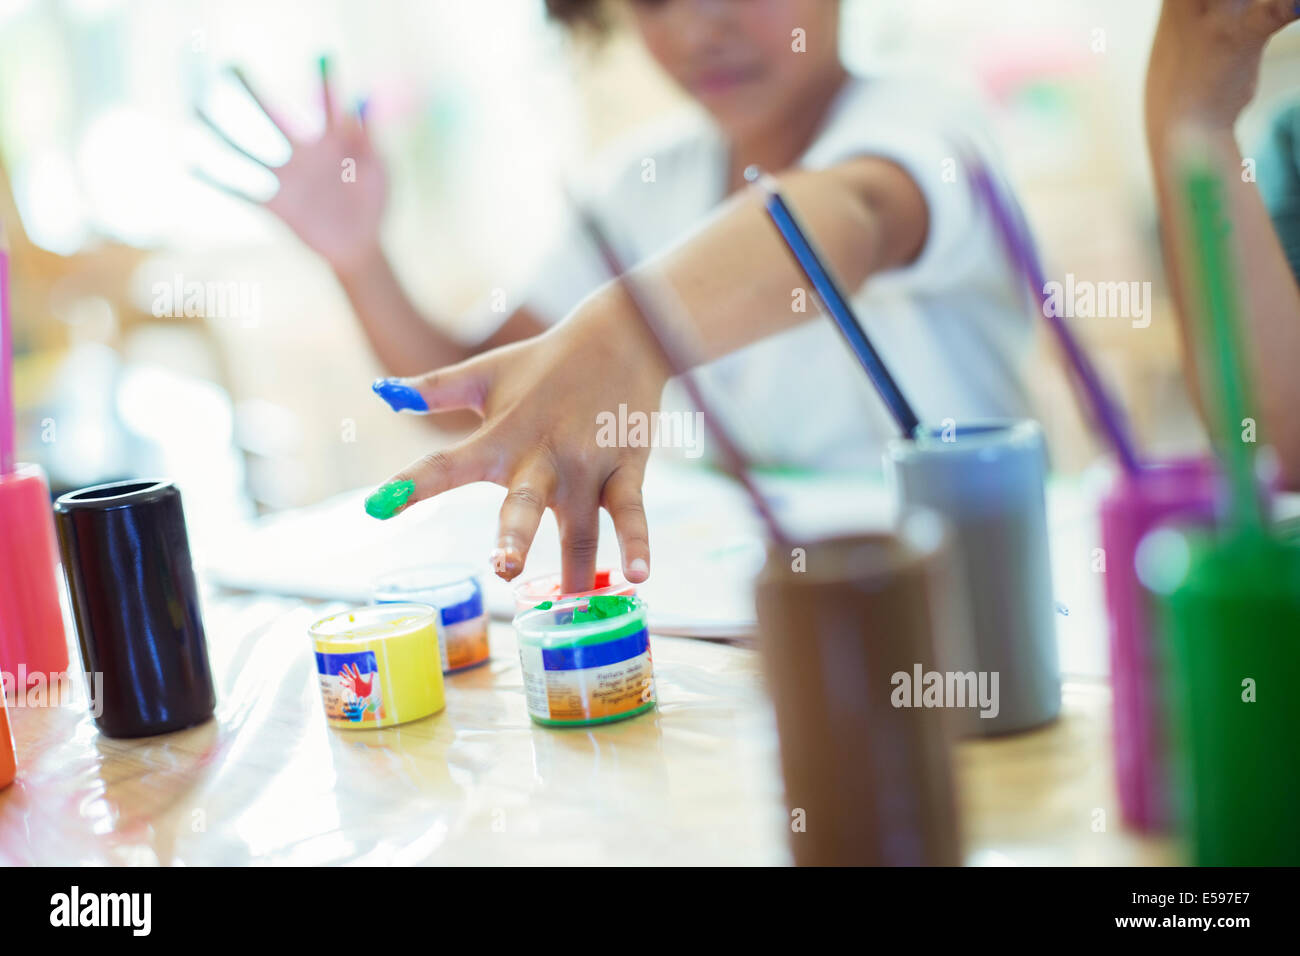 Pintar con los dedos, estudiante en la clase Imagen De Stock